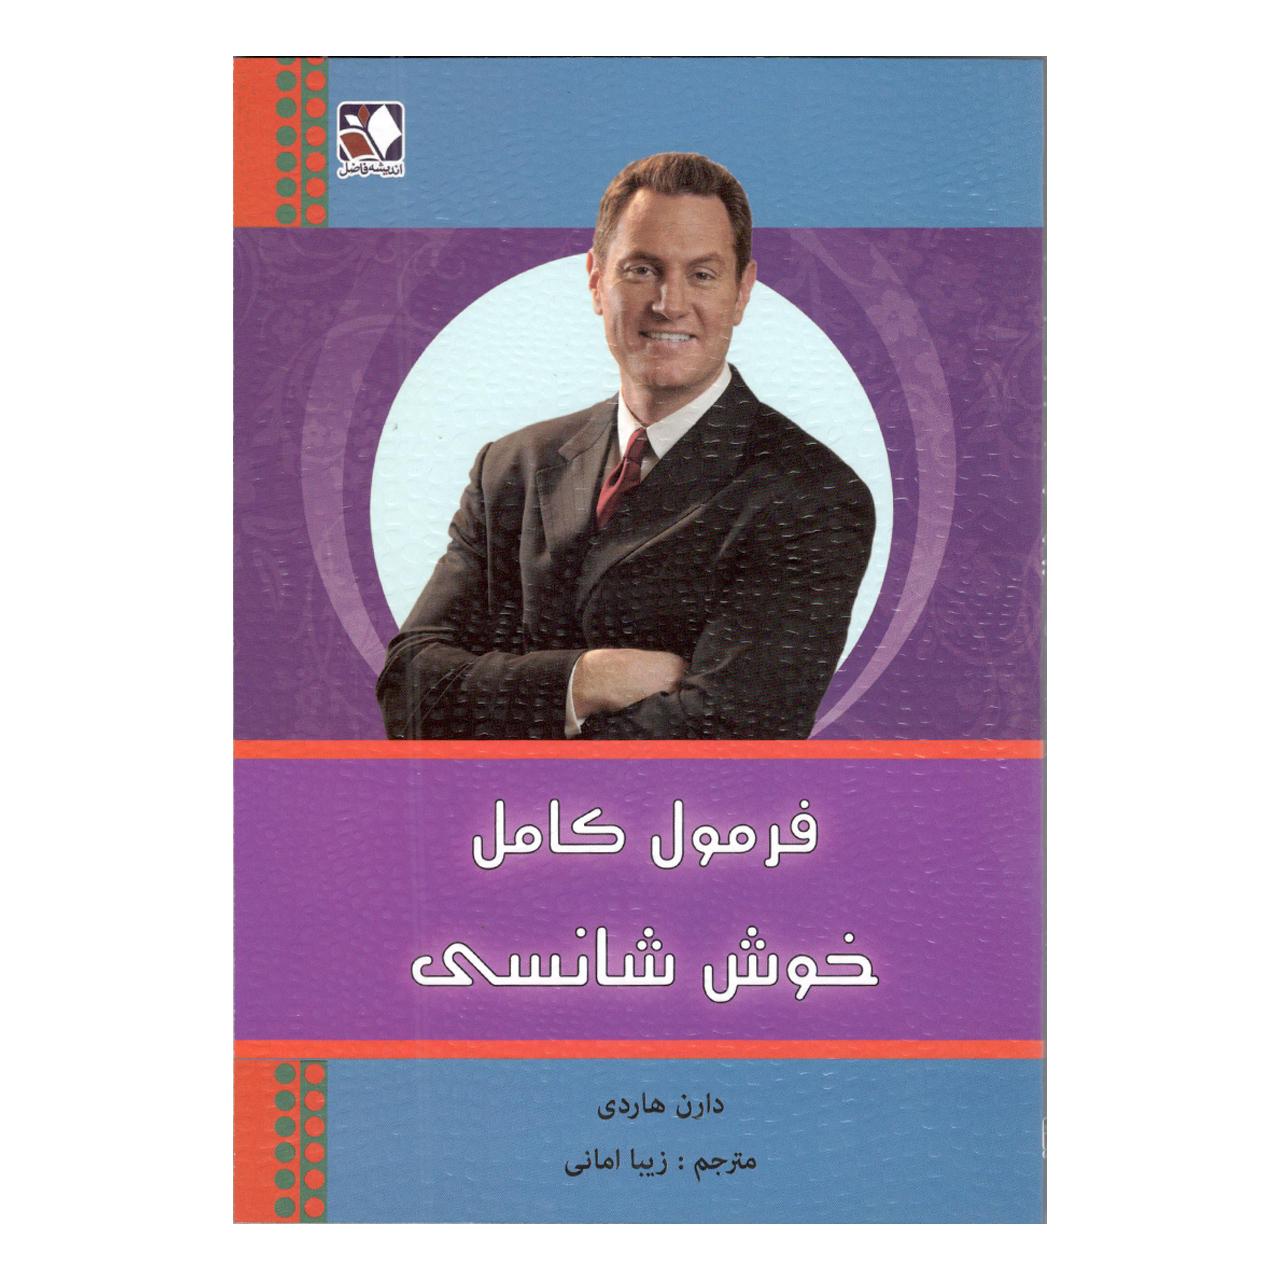 کتاب فرمول کامل خوش شانسی اثر دارن هاردی